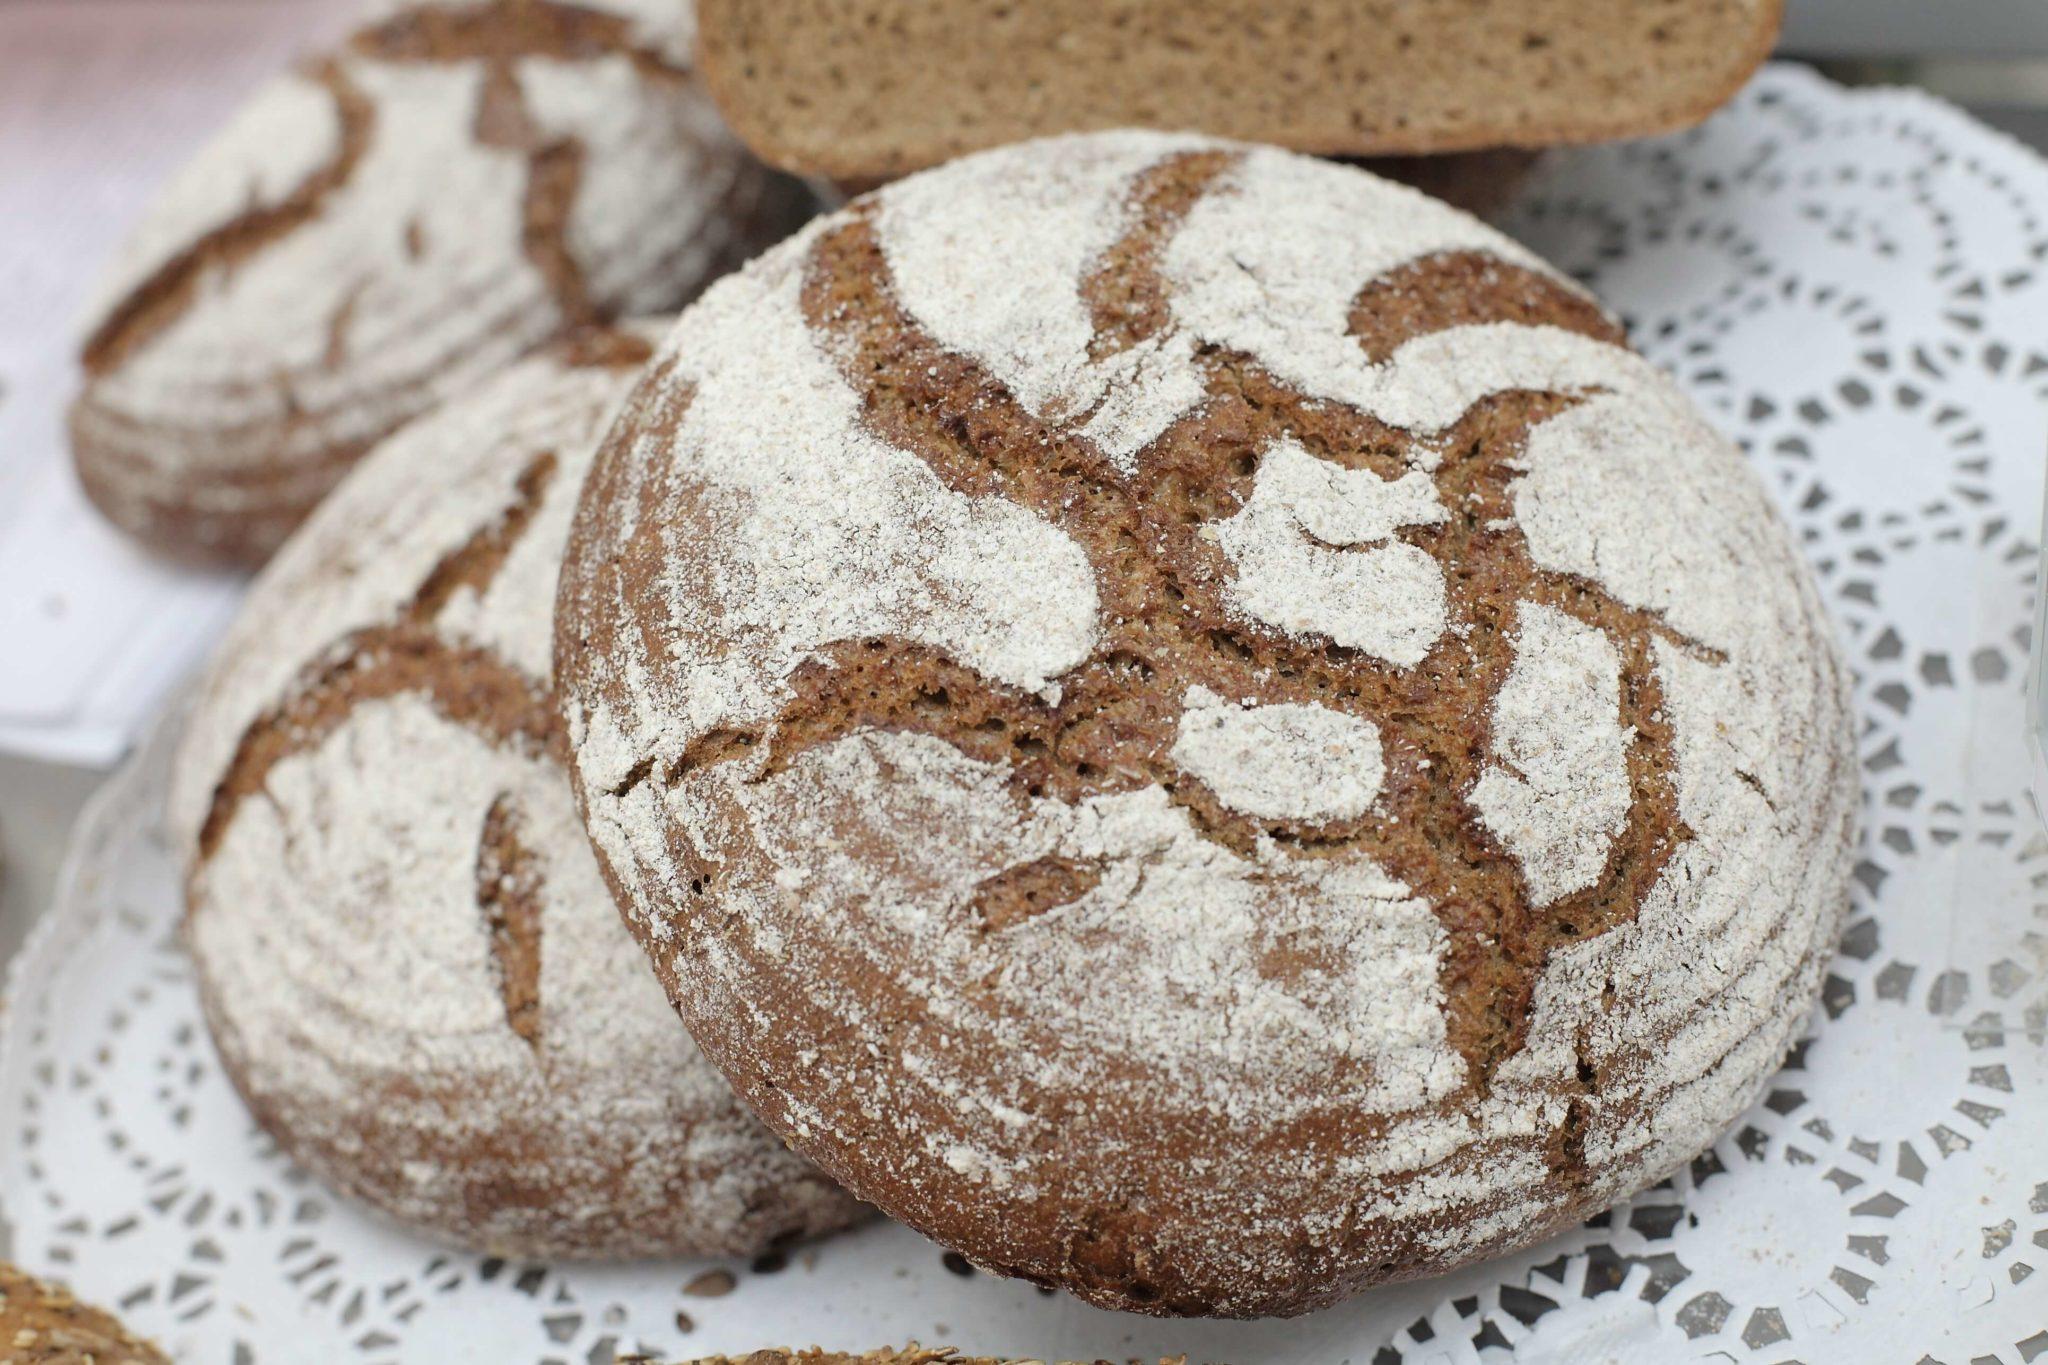 Превью для семинара-дегустации хлеба и хлебобулочных изделий